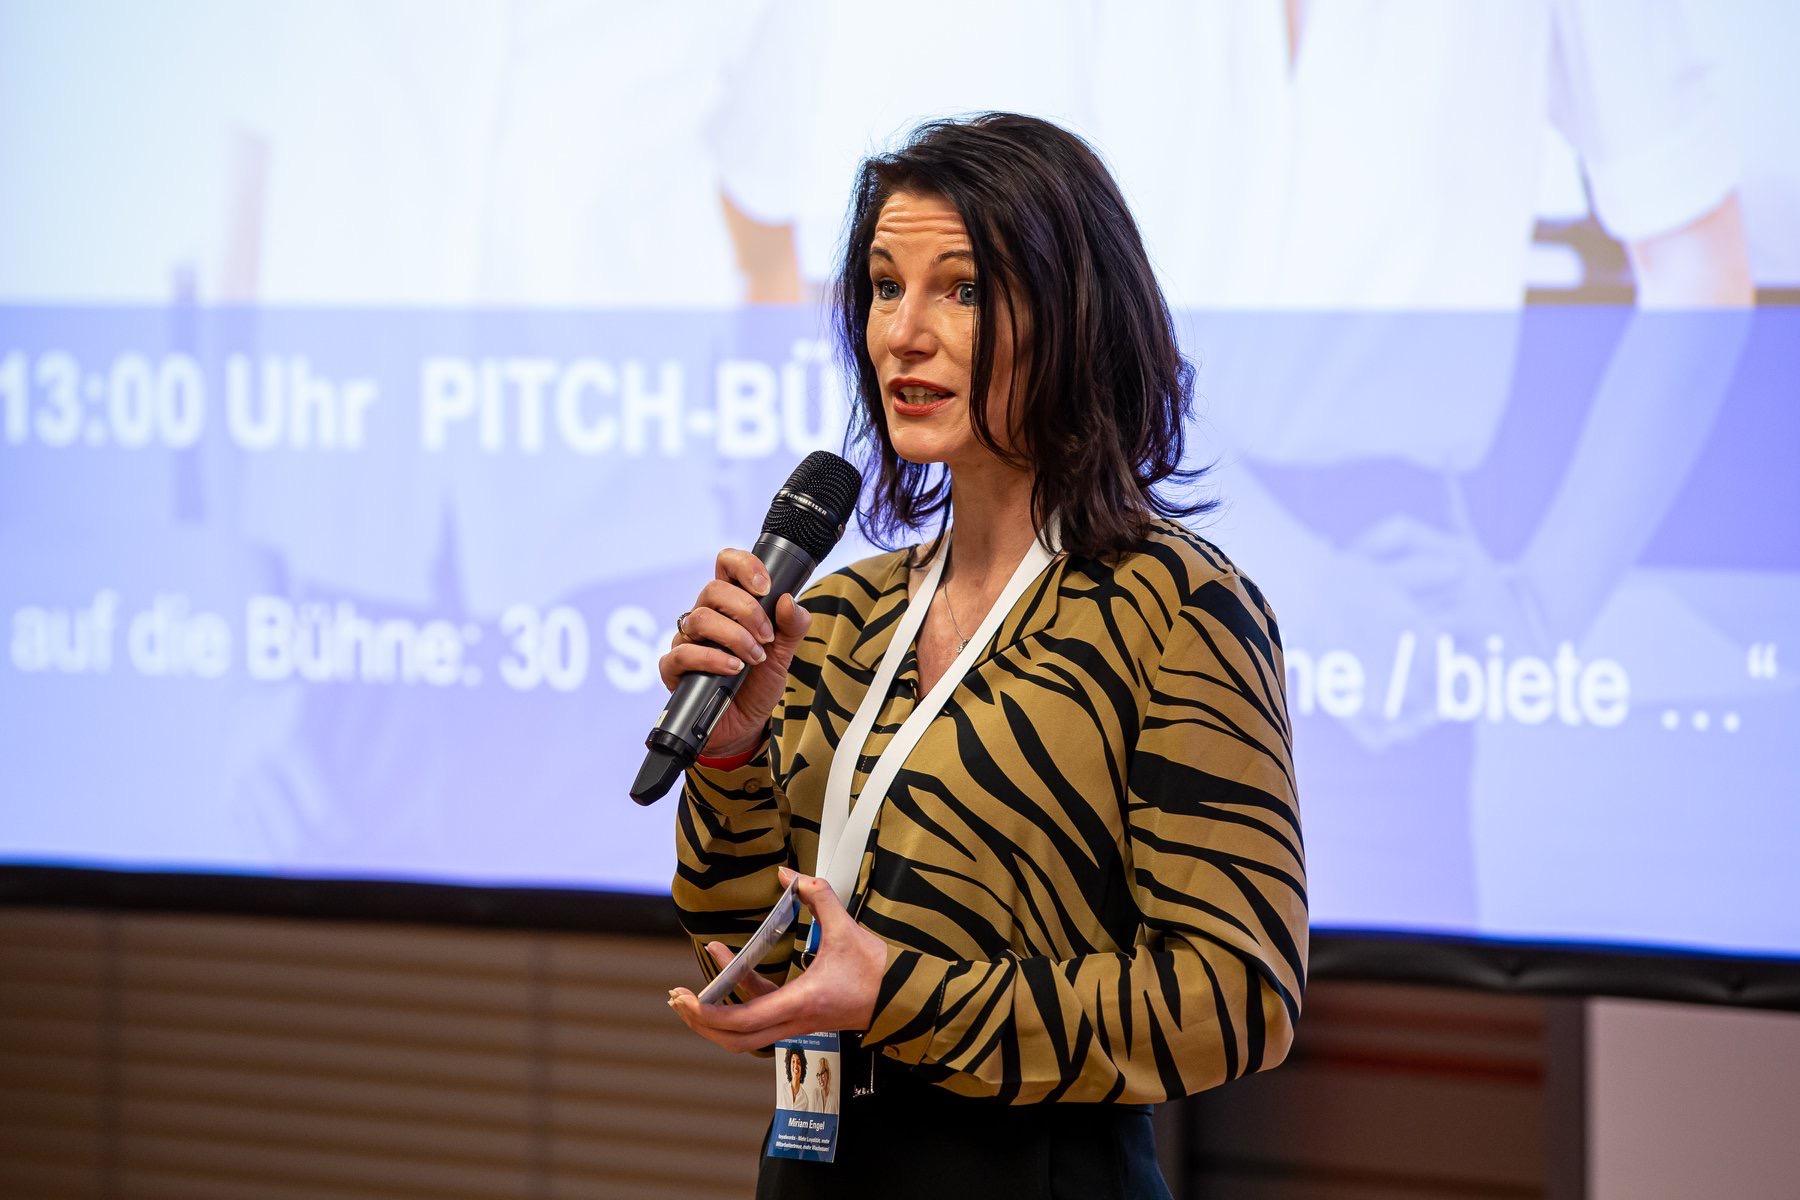 Spontaner Pitch beim Niedersächsischen Unternehmerinnenkongress